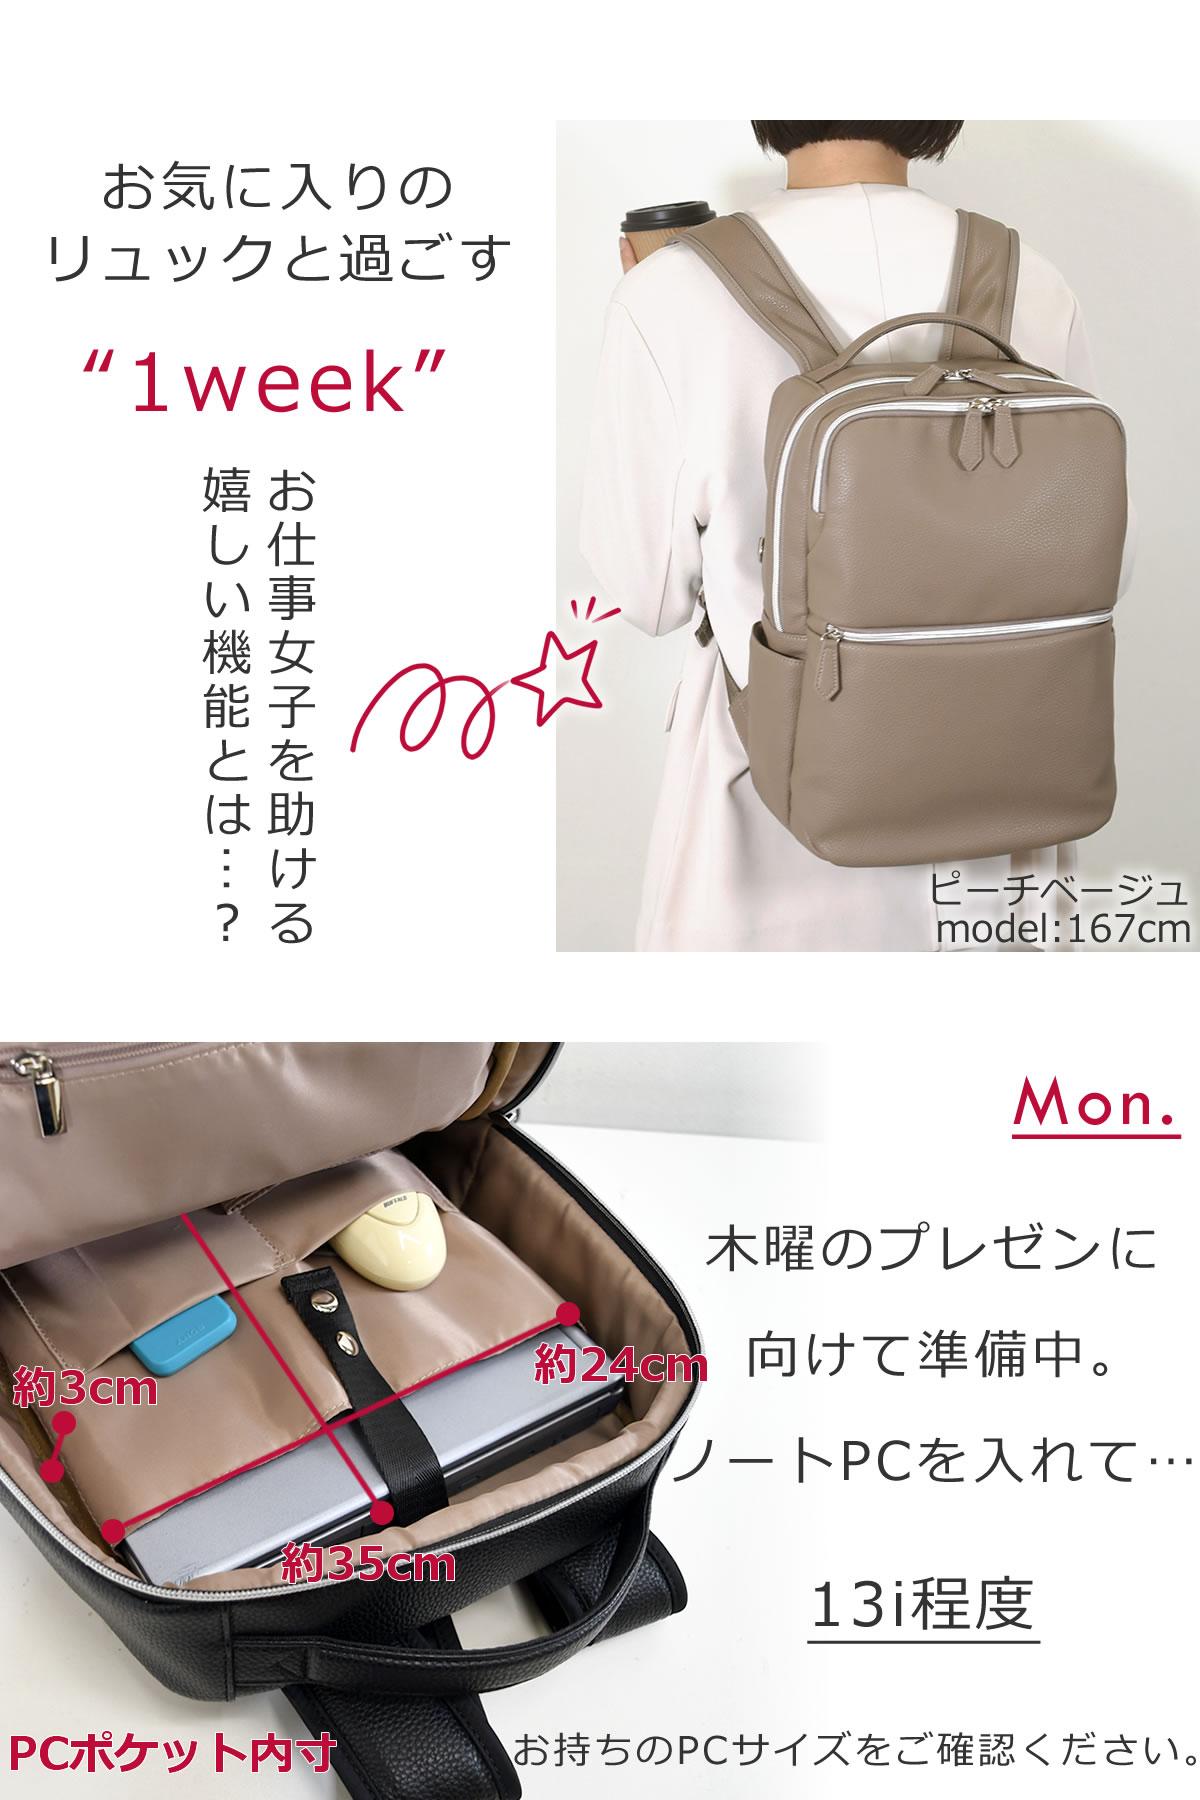 通勤 バッグ ビジネスリュック レディース 営業バッグ 女性 ブランド 丈夫 a4ファイル 角2封筒 ボトルホルダー